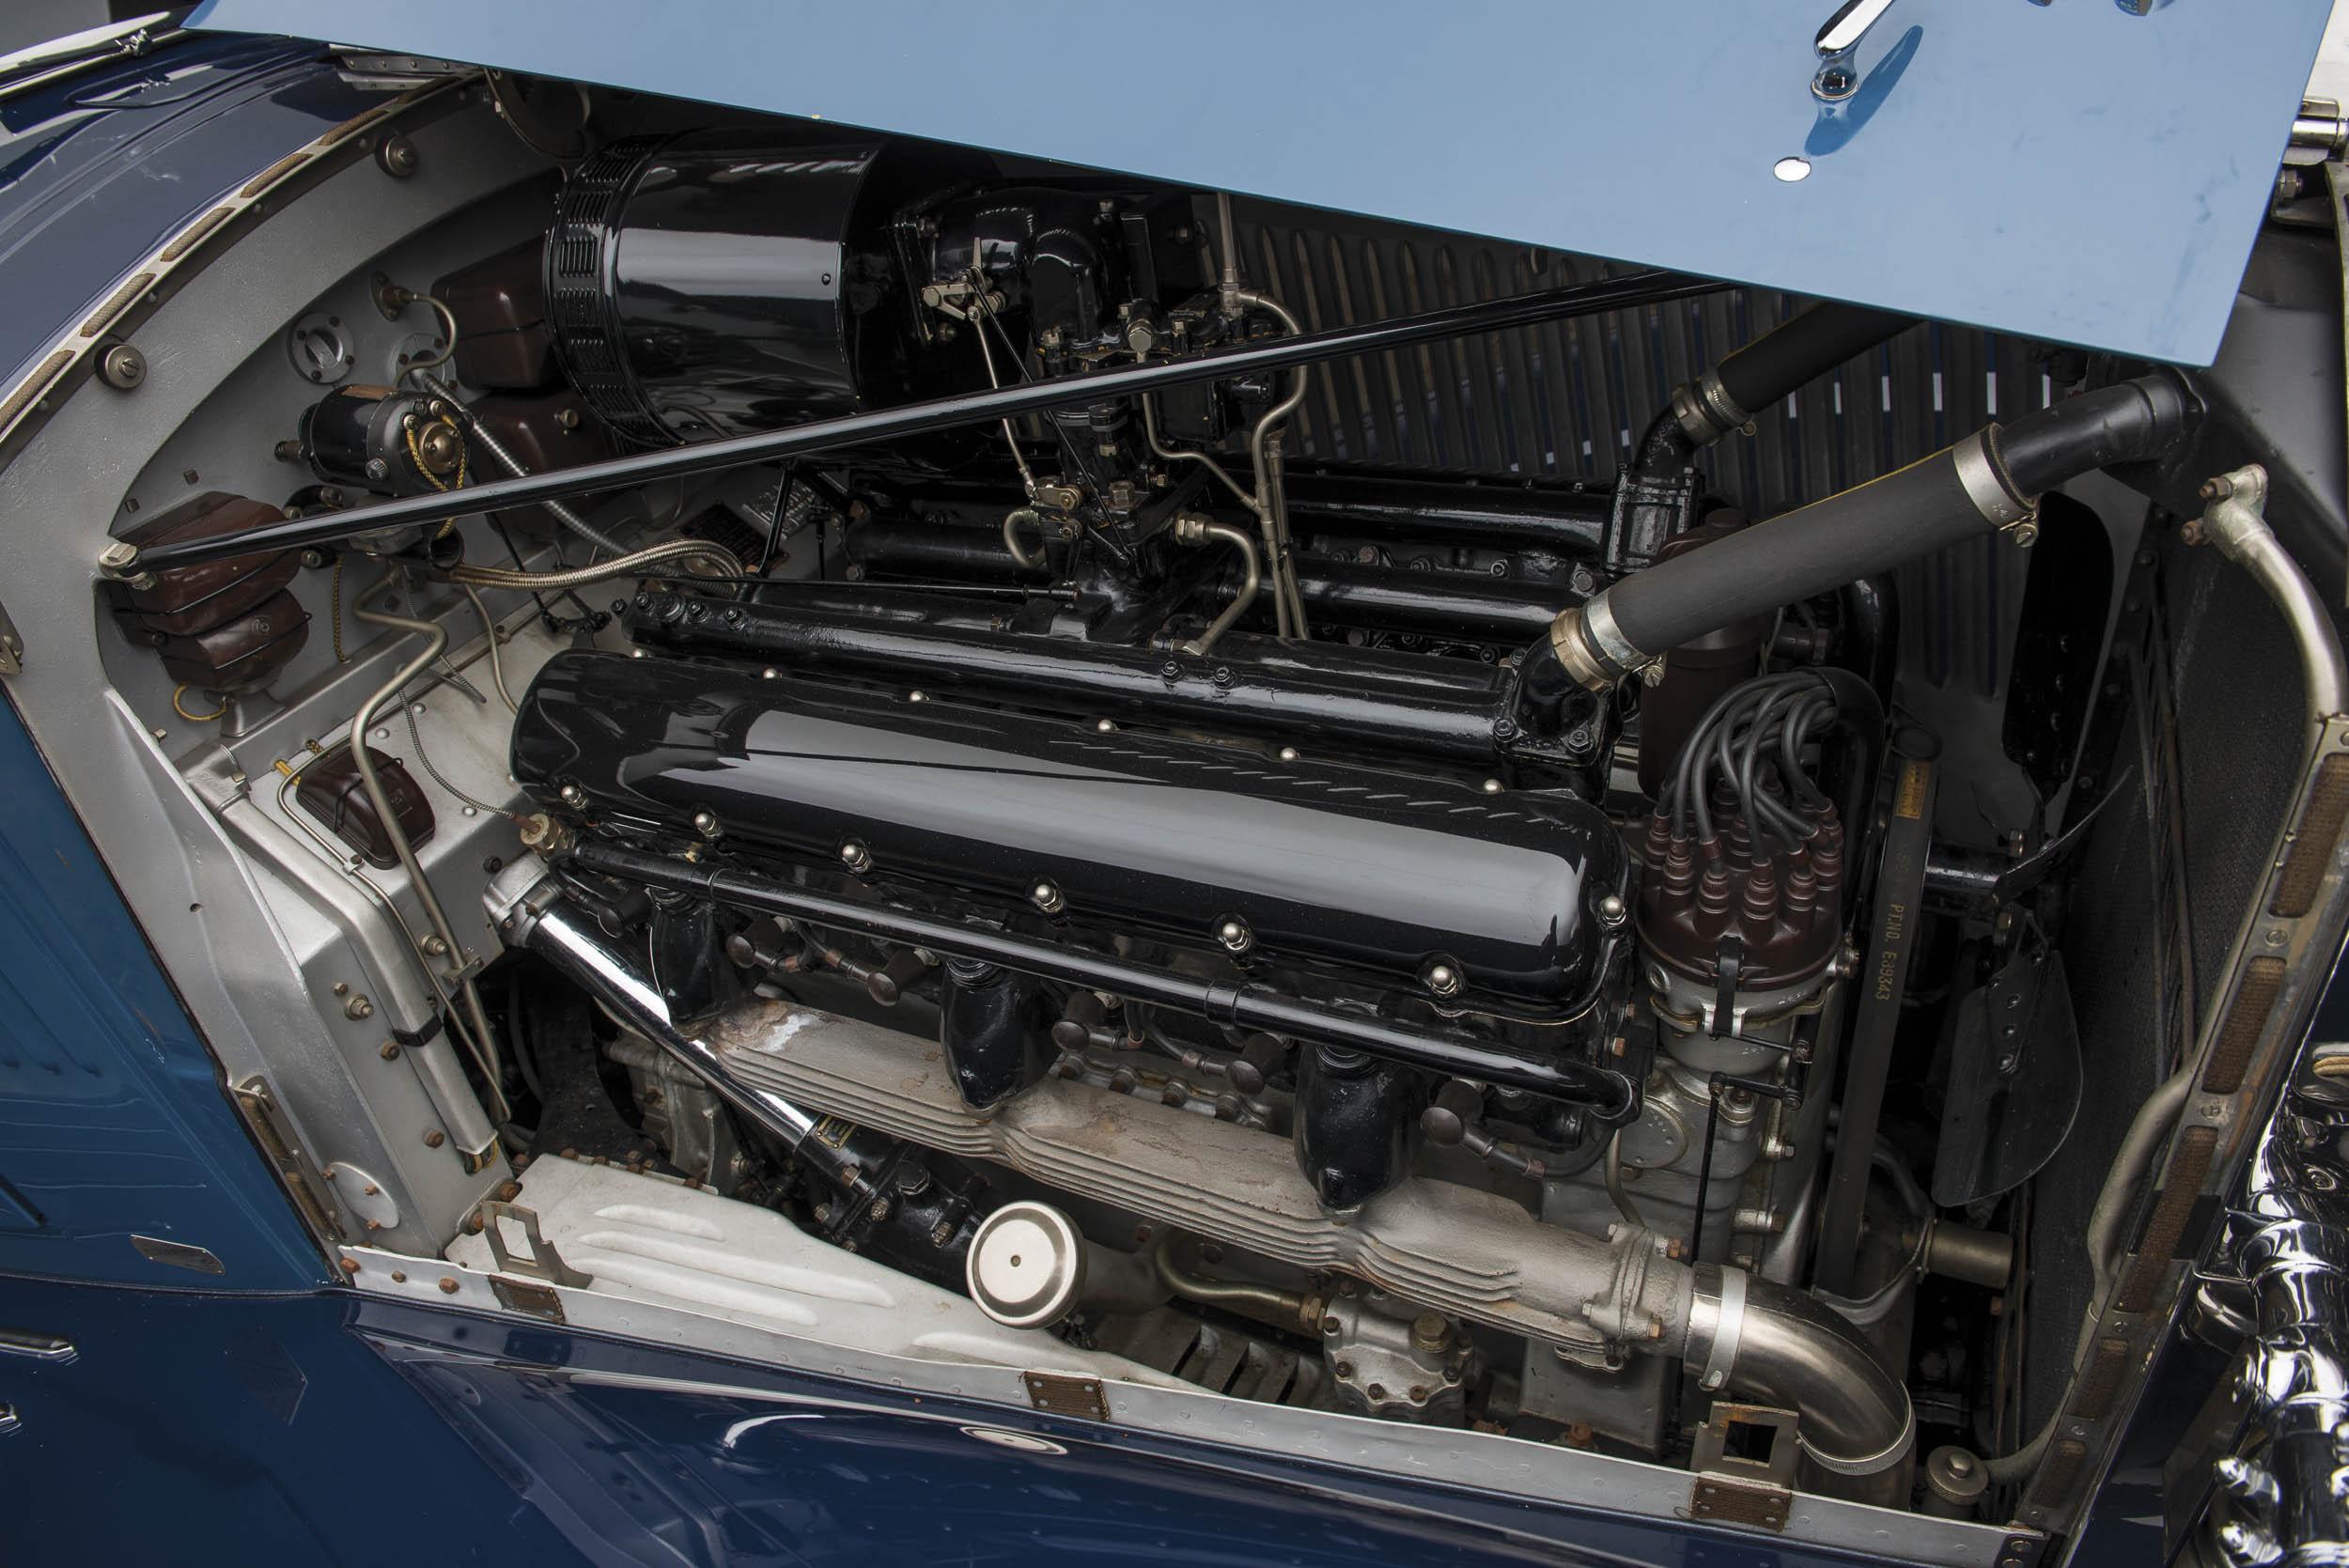 1937 Rolls-Royce Phantom III engine